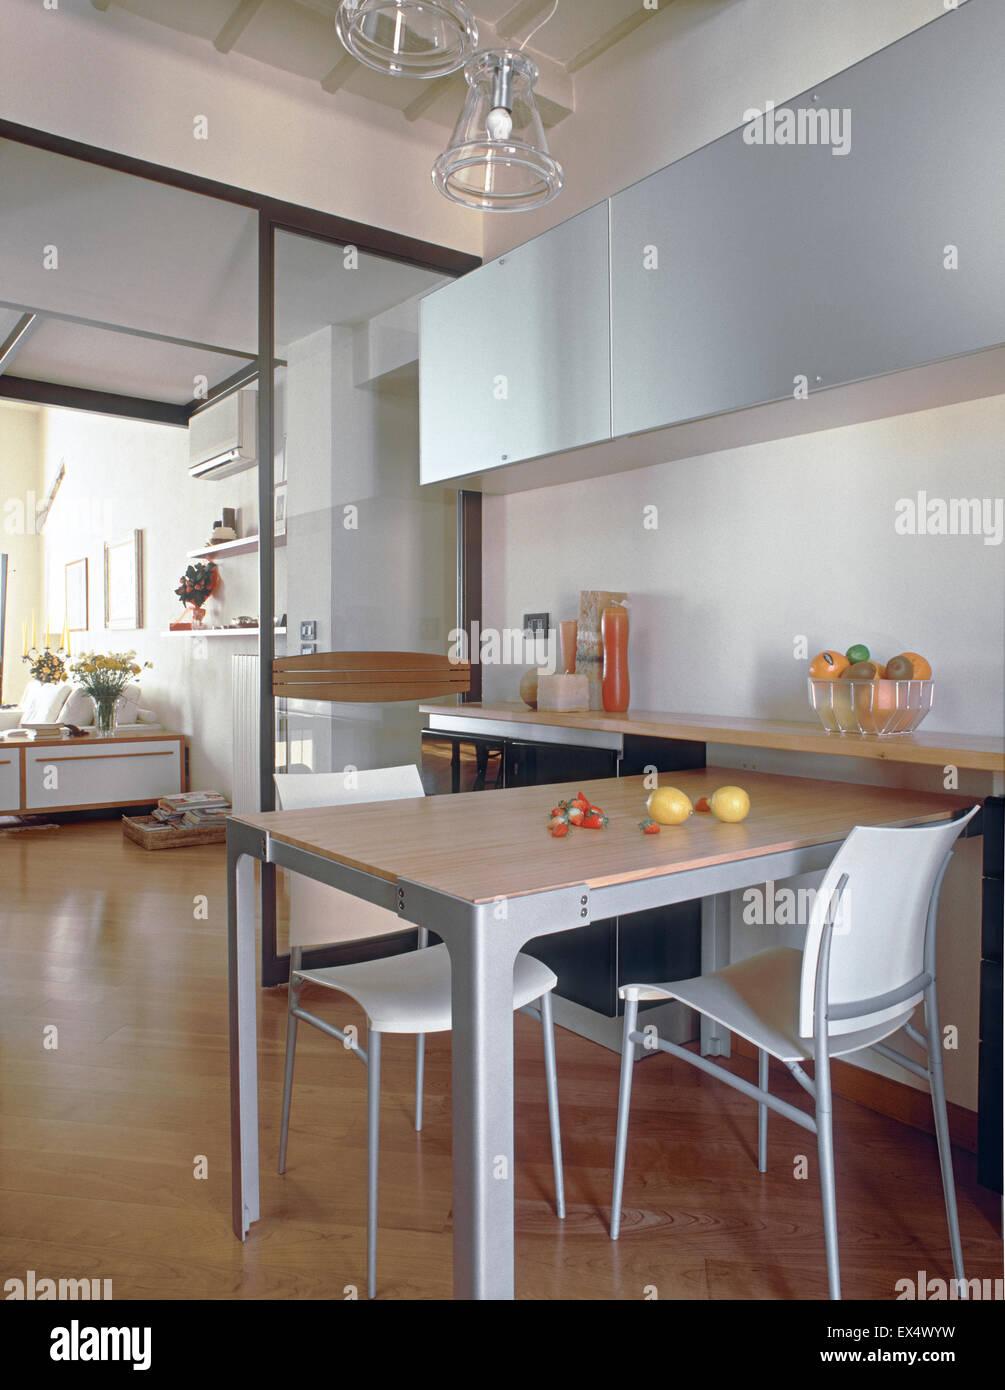 Soggiorno Cucina Legno | Illuminazione Soggiorno Cucina